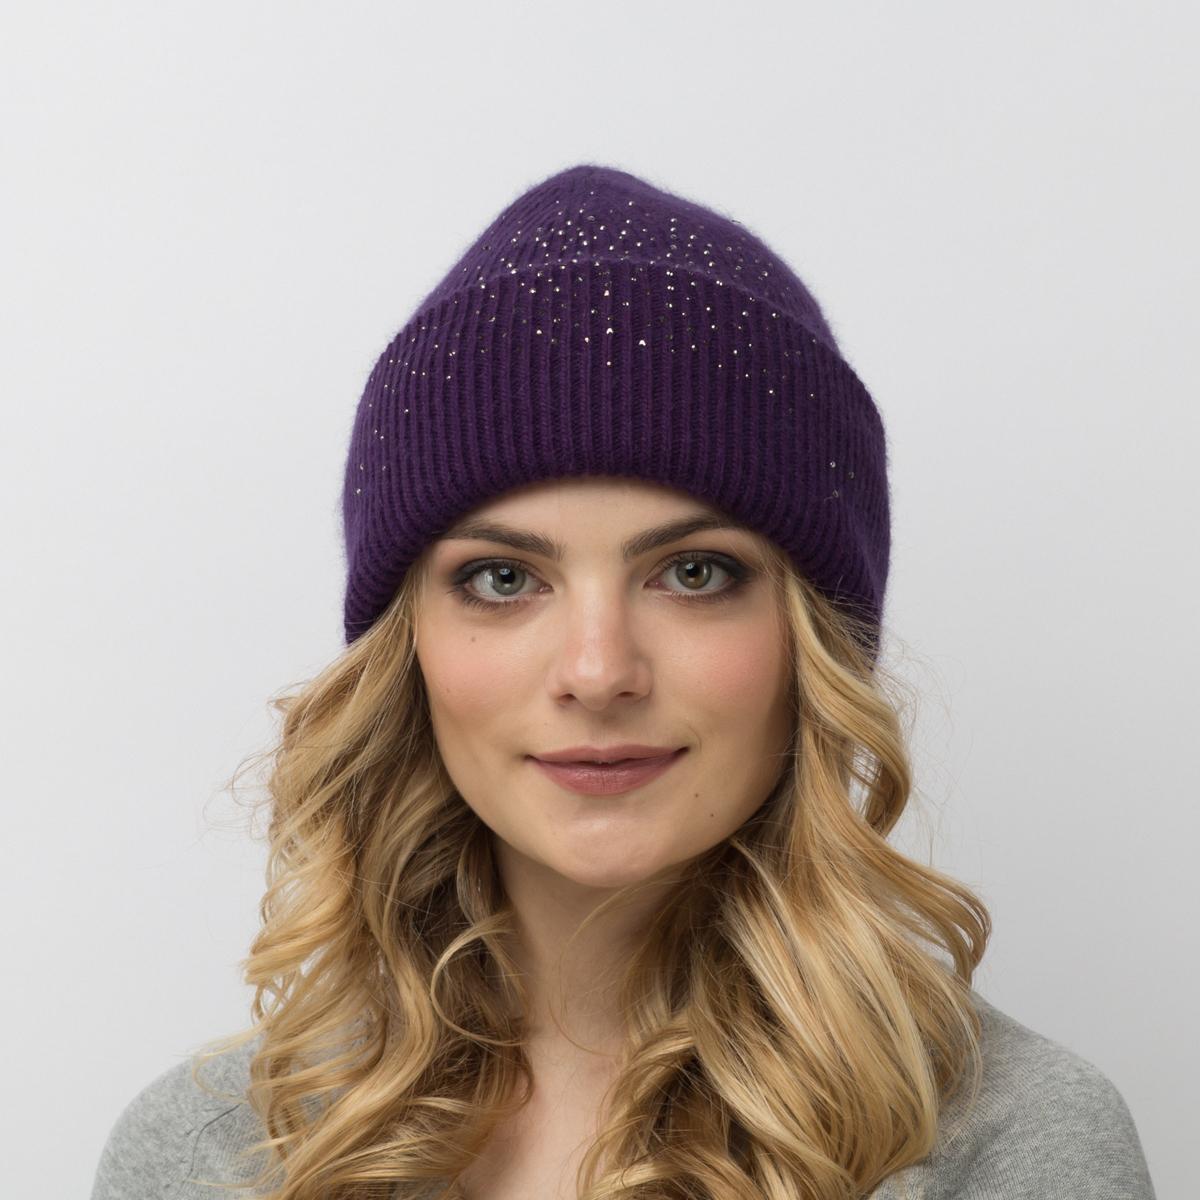 Шапка женская Flioraj, цвет: фиолетовый. 713-М-СТ FJ. Размер 56/58713-М-СТ FJТеплая шерстяная шапка от Flioraj выполнена модной рельефной вязкой. Отлично защитит от холода. Такую шапочку можно носить с любым видом верхней одежды, достаточно только определиться с цветом. Модель дополнена стразами.